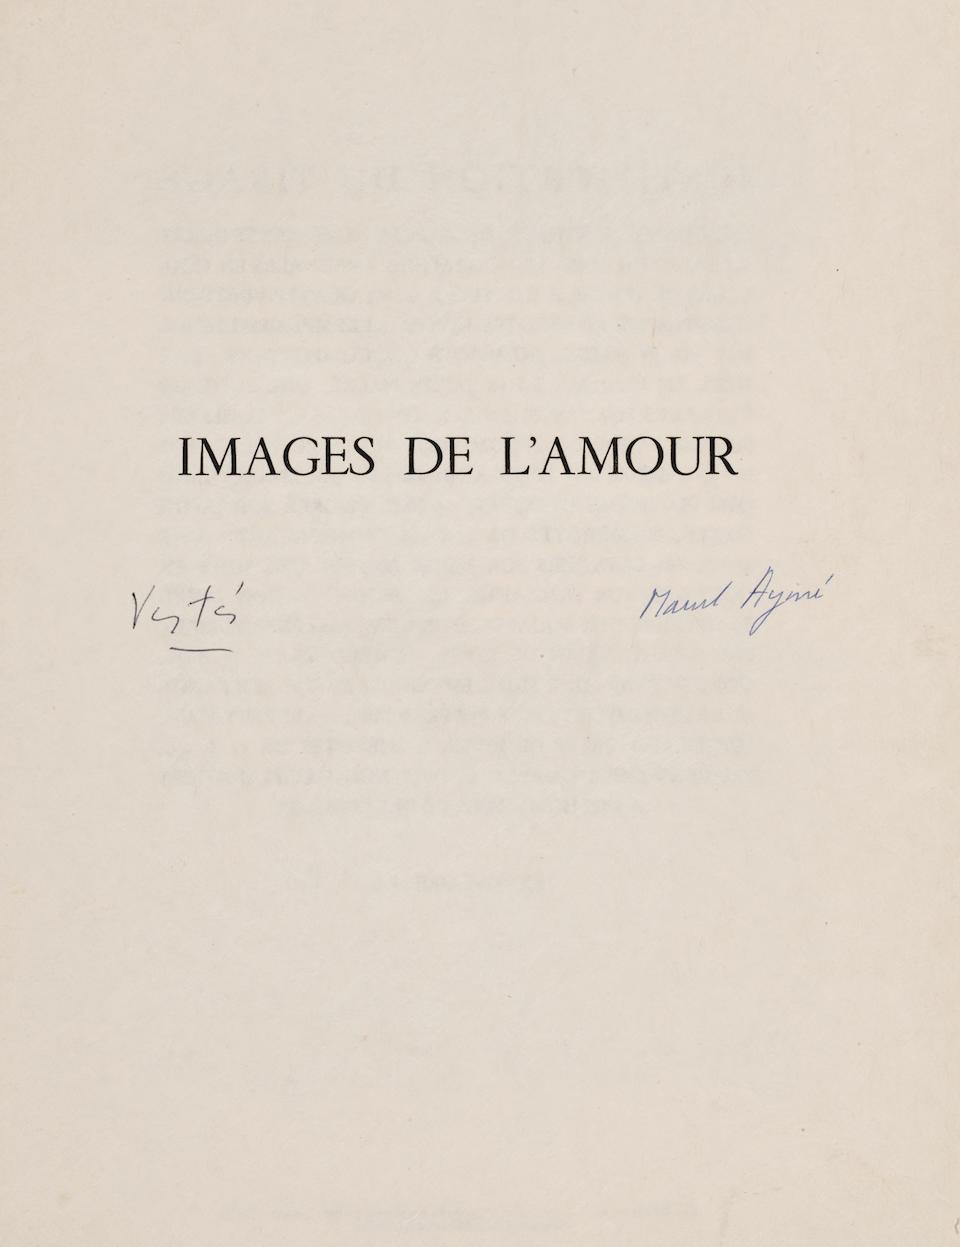 VERTES, MARCEL. 1895-1961. AYME, MARCEL. Images de l'Amour. Paris: Georges Guillot, [1957 (dated on limitation leaf)].